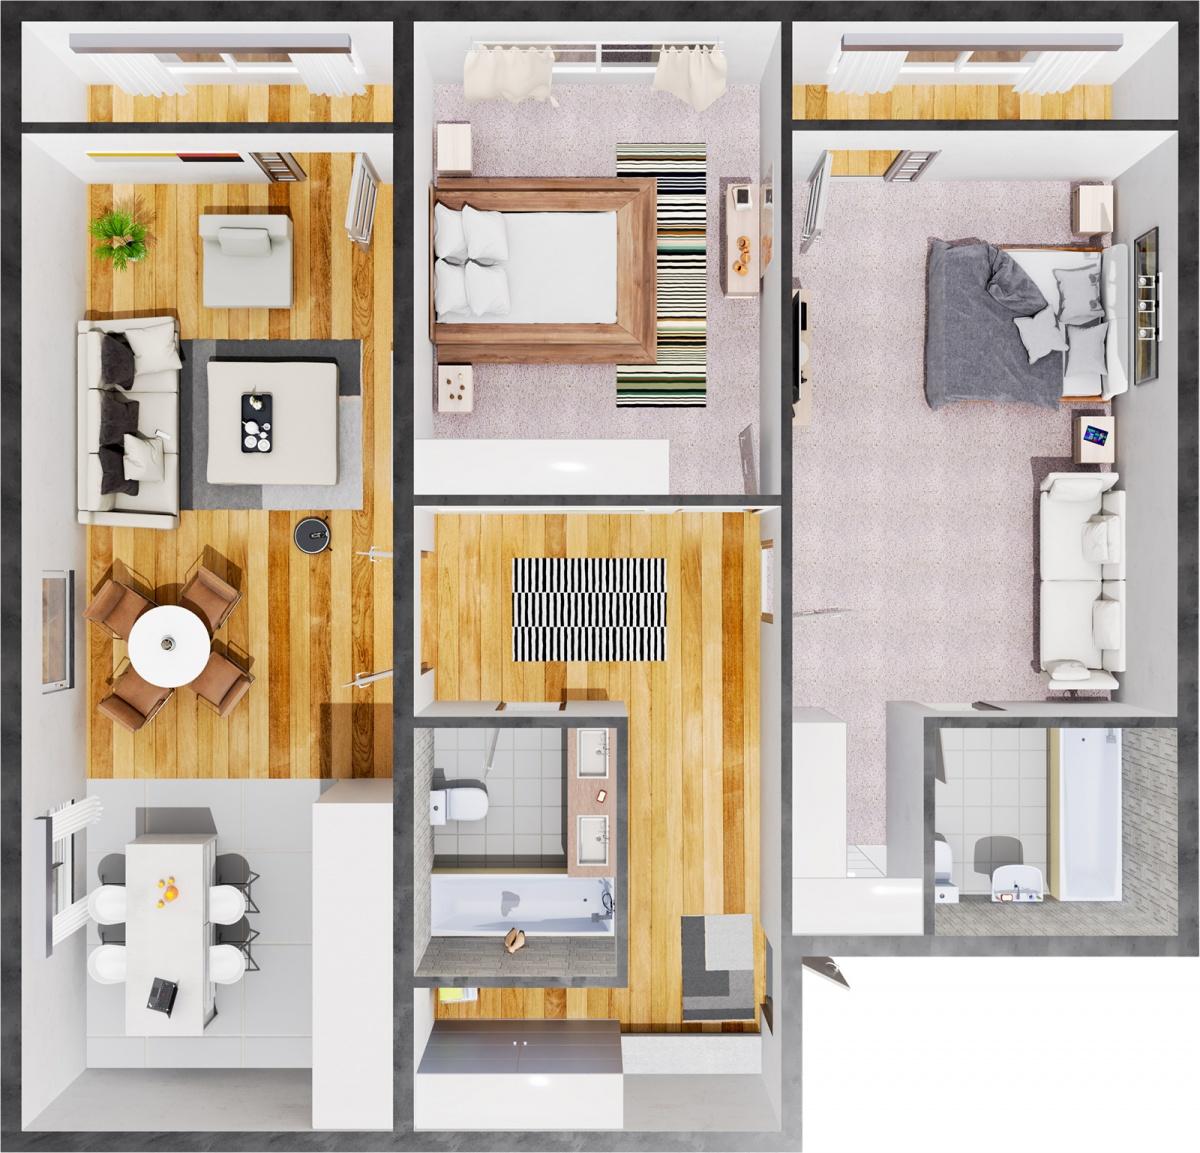 В Clever park рассказали о растущем спросе на готовые квартиры с двумя спальнями и кухней-гостиной